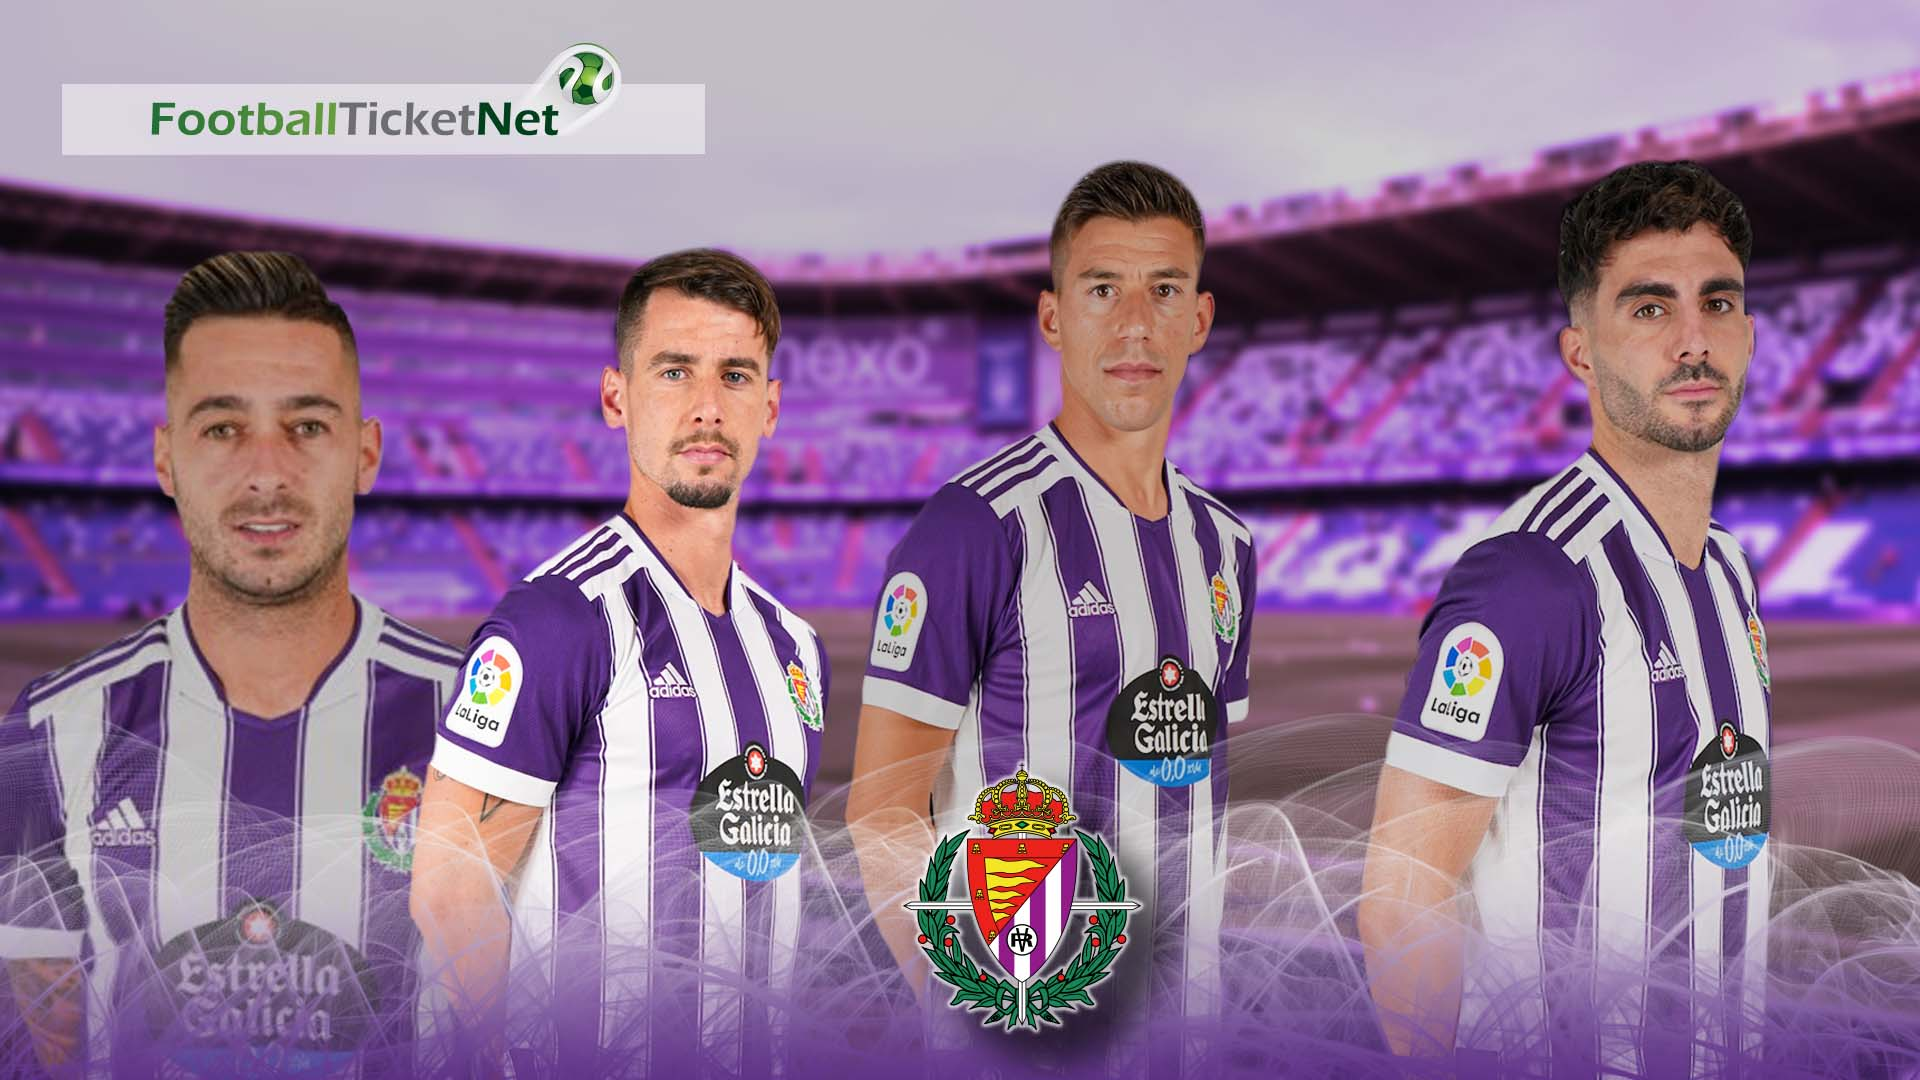 Buy Real Valladolid Football Tickets 2019 20 Football Ticket Net